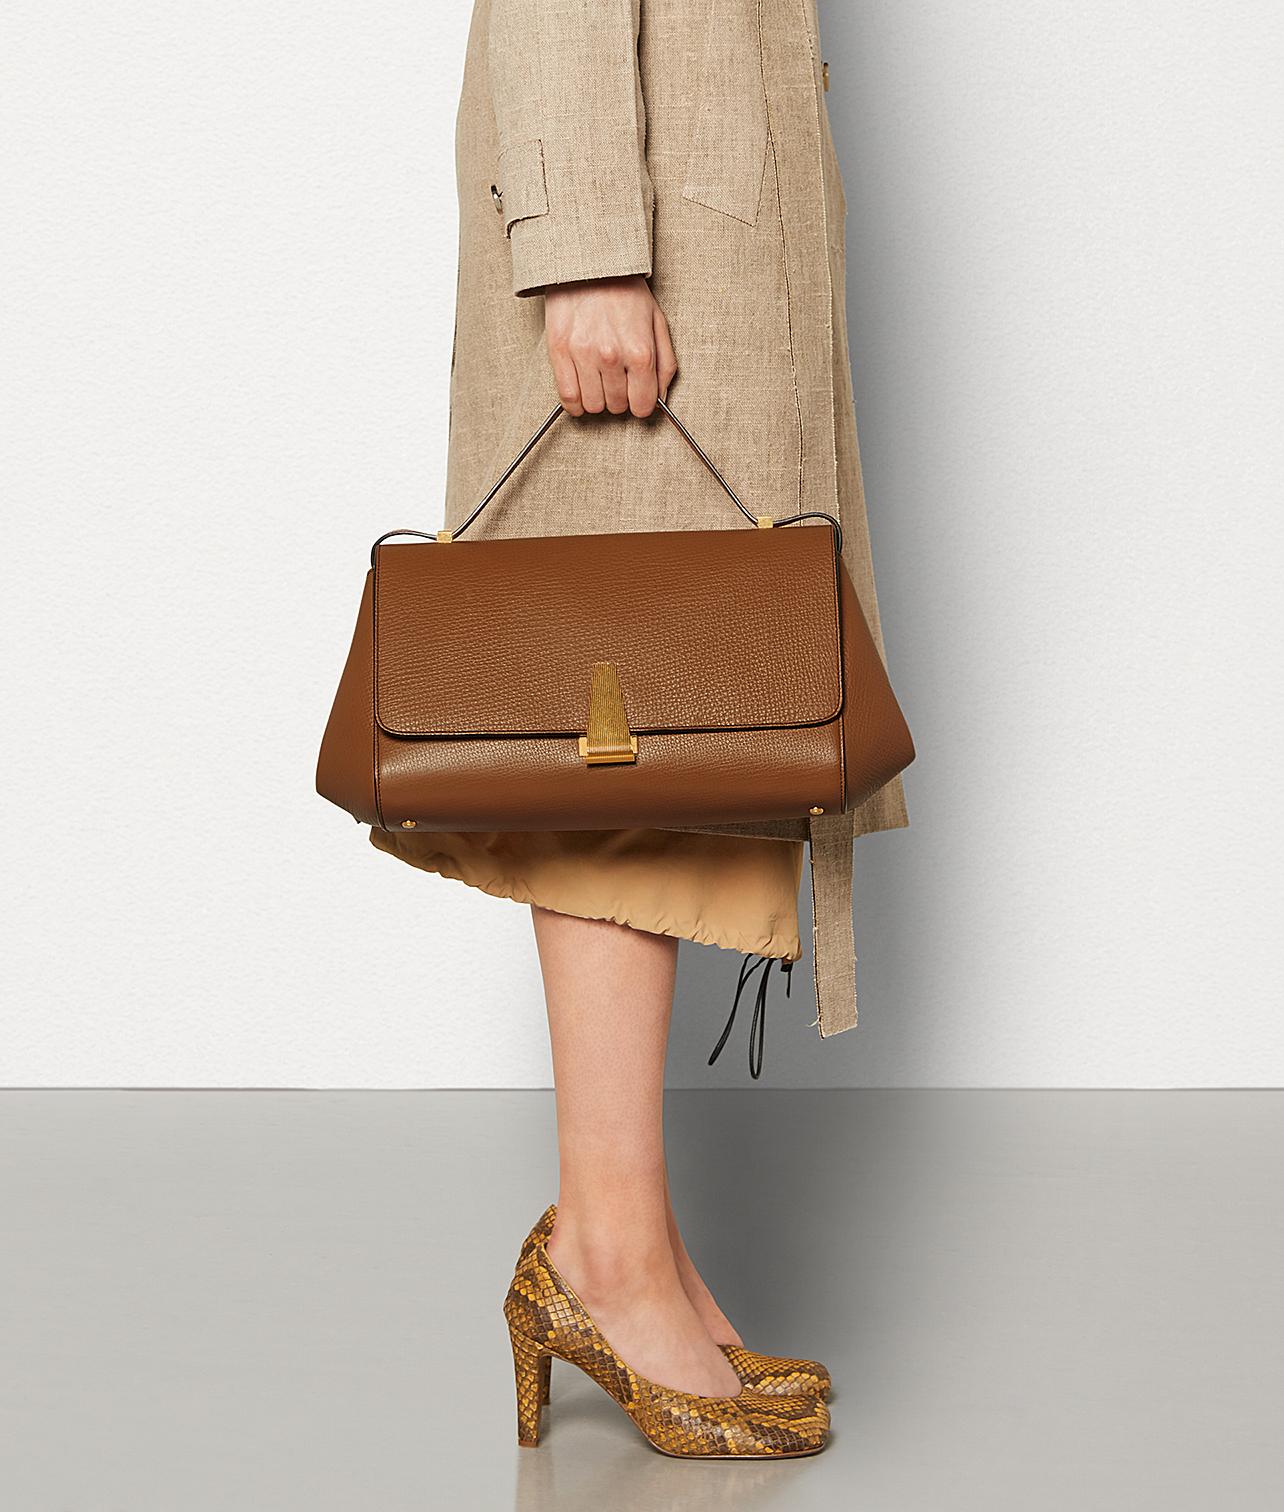 50代女性にぴったりBottega Venetaのレディースバッグ